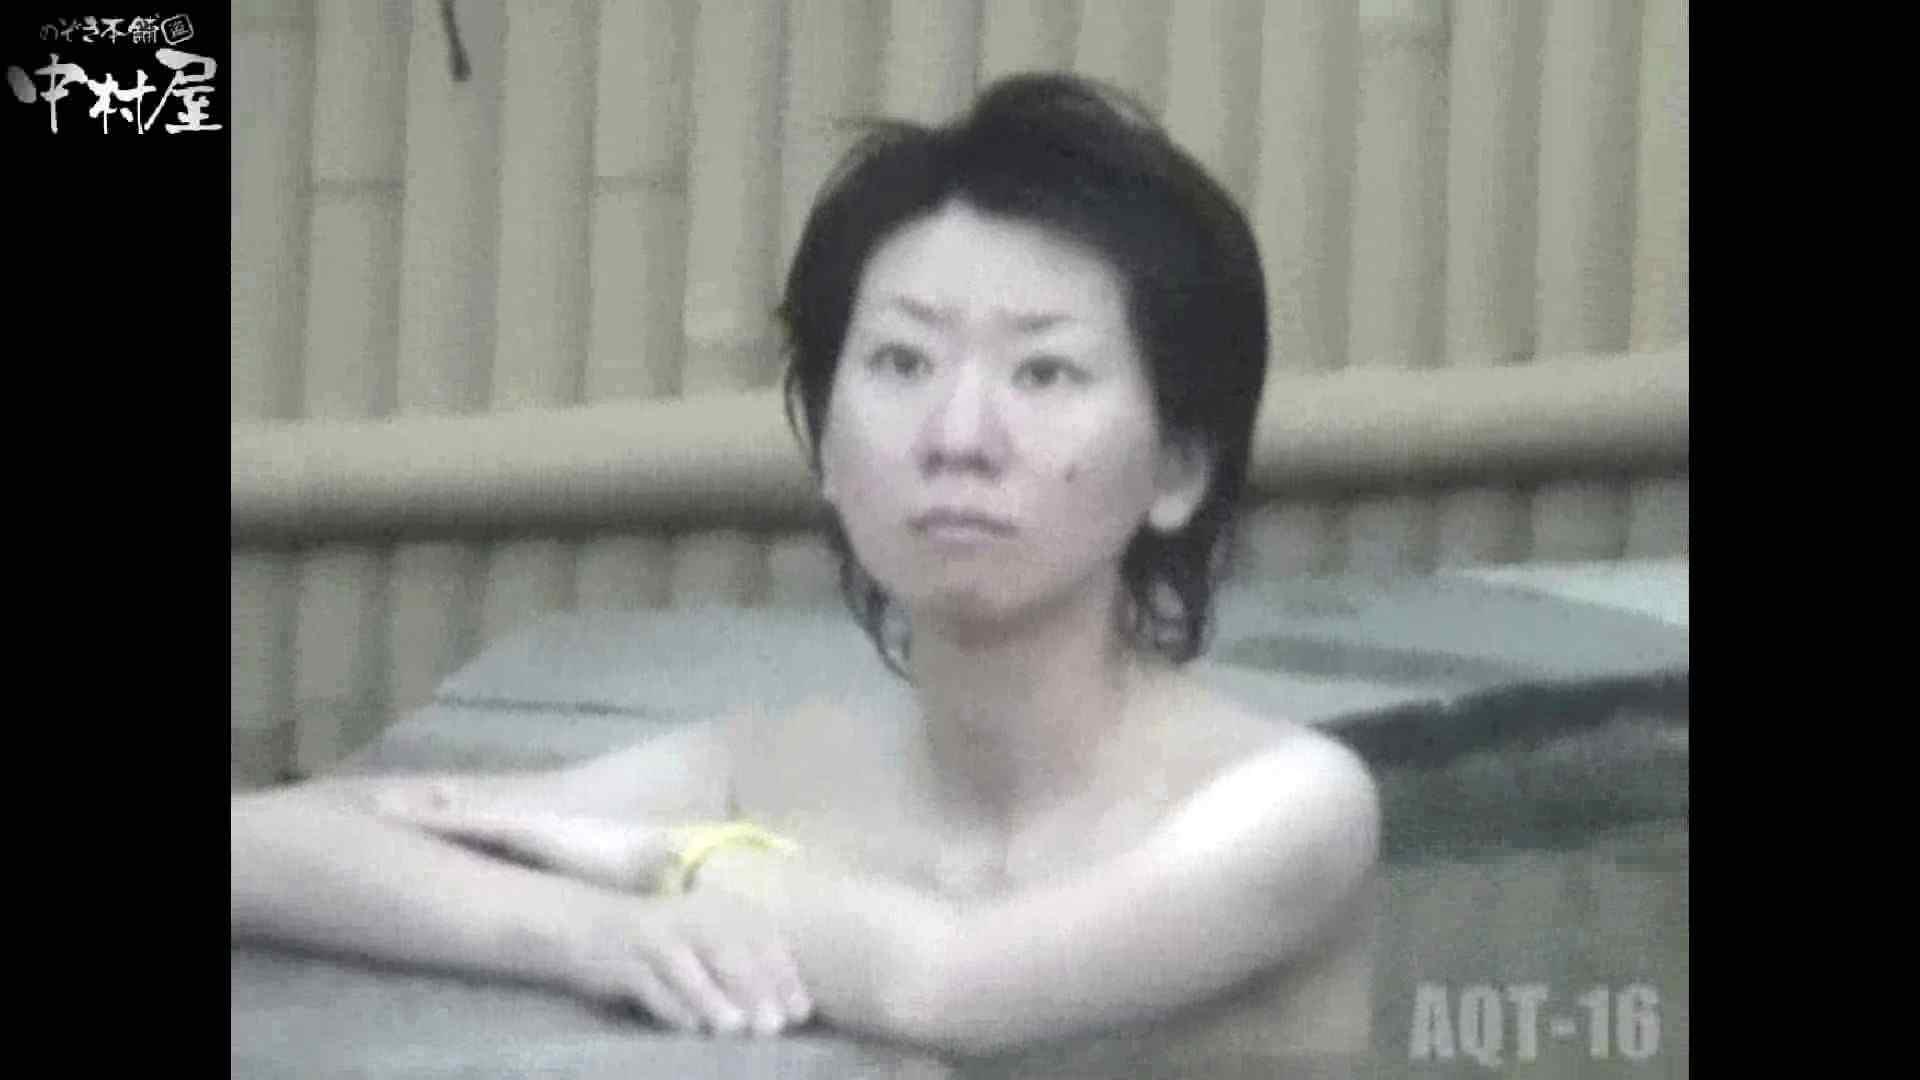 Aquaな露天風呂Vol.880潜入盗撮露天風呂十六判湯 其の三 盗撮 オマンコ動画キャプチャ 61画像 46